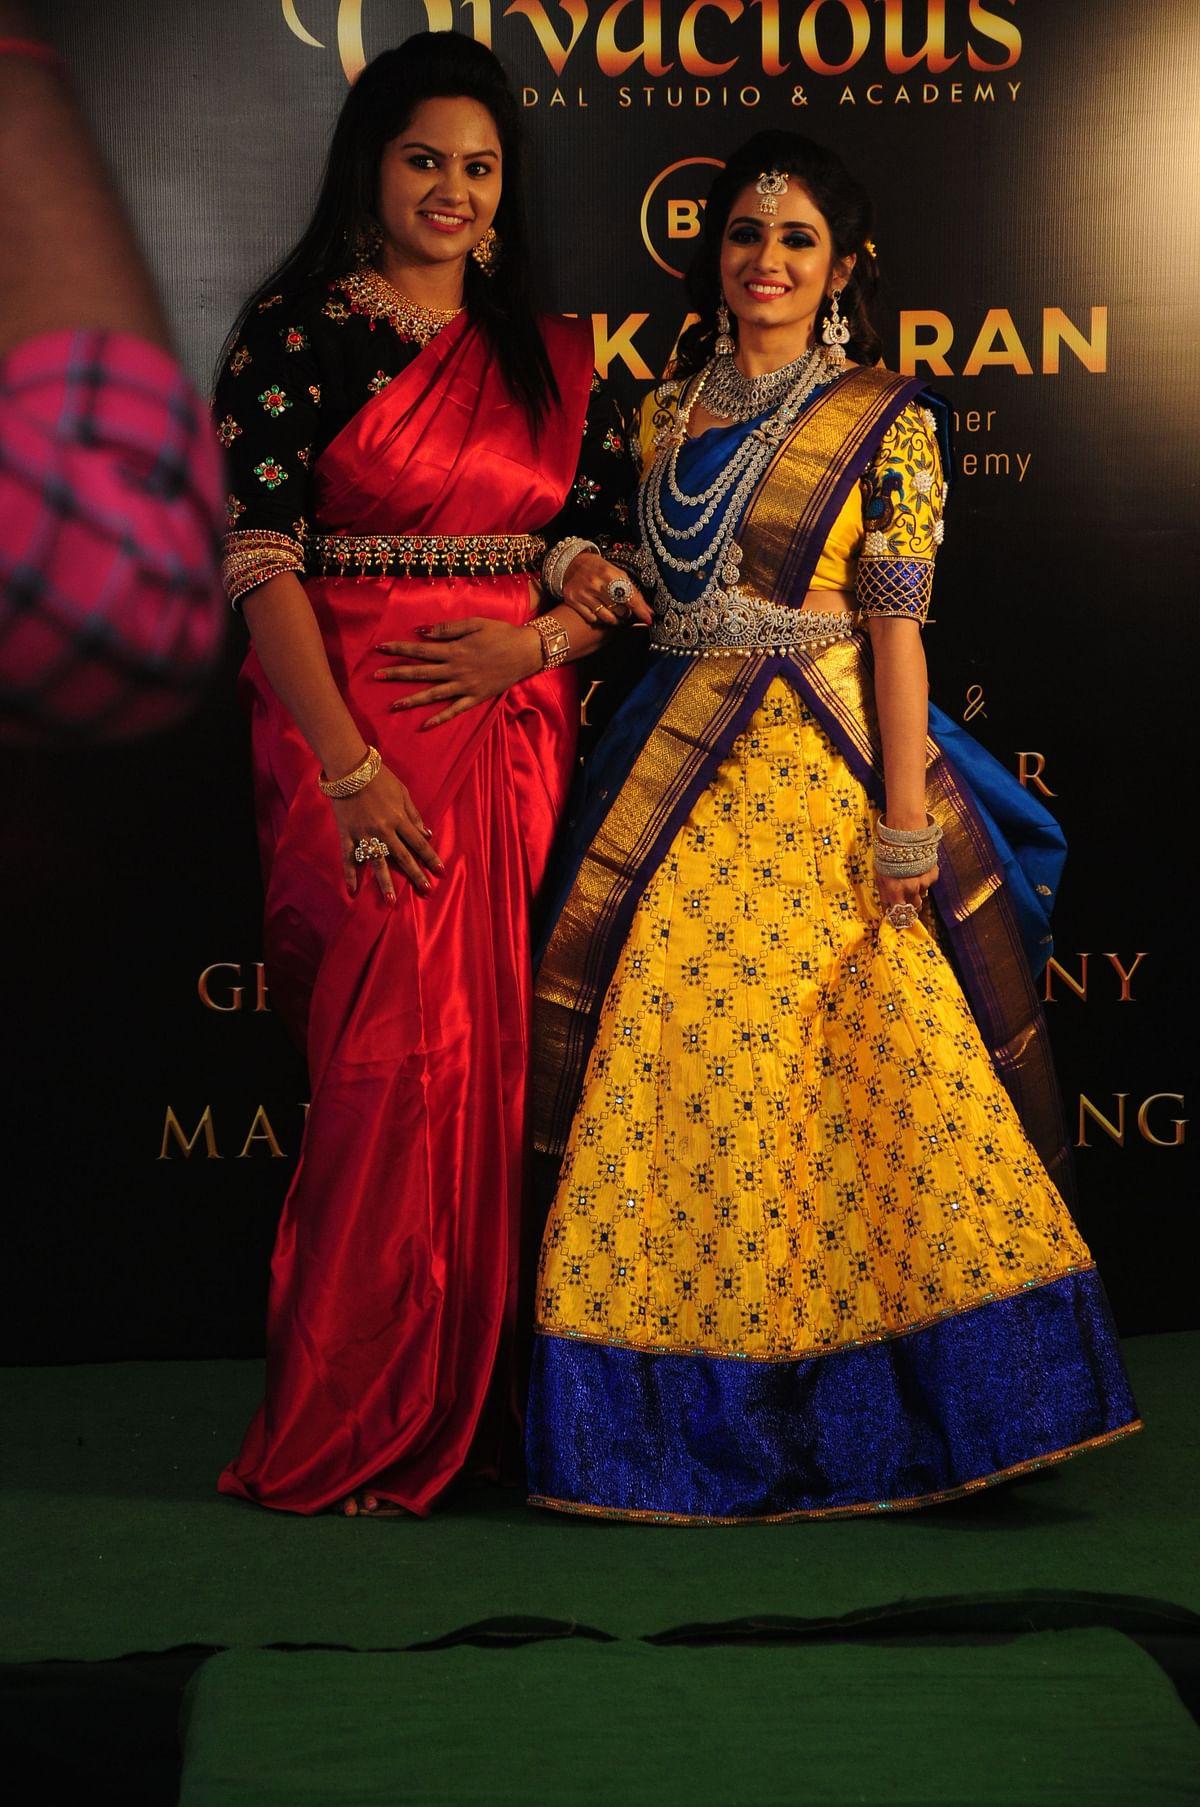 பயிற்சியாளர் தீபிகாசரணுடன்ஸ்ரீதிக்கா சனீஷ்